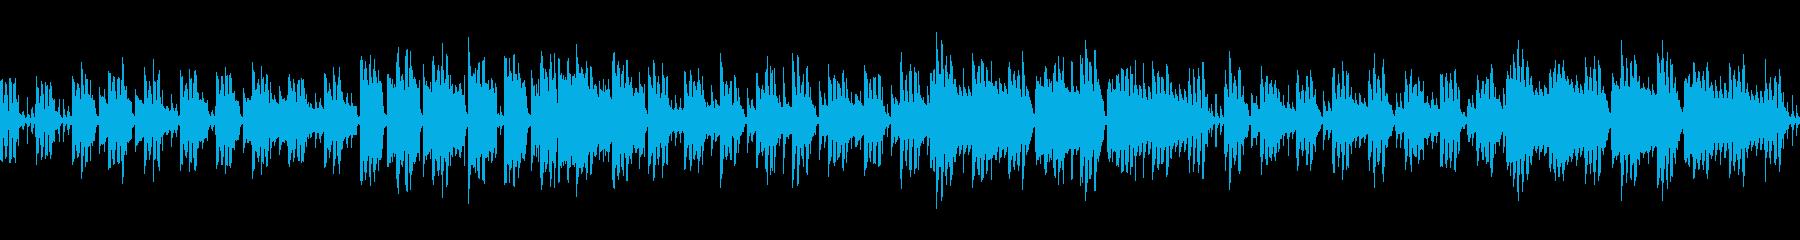 ゲーム向けのかわいい日常系リコーダーの再生済みの波形